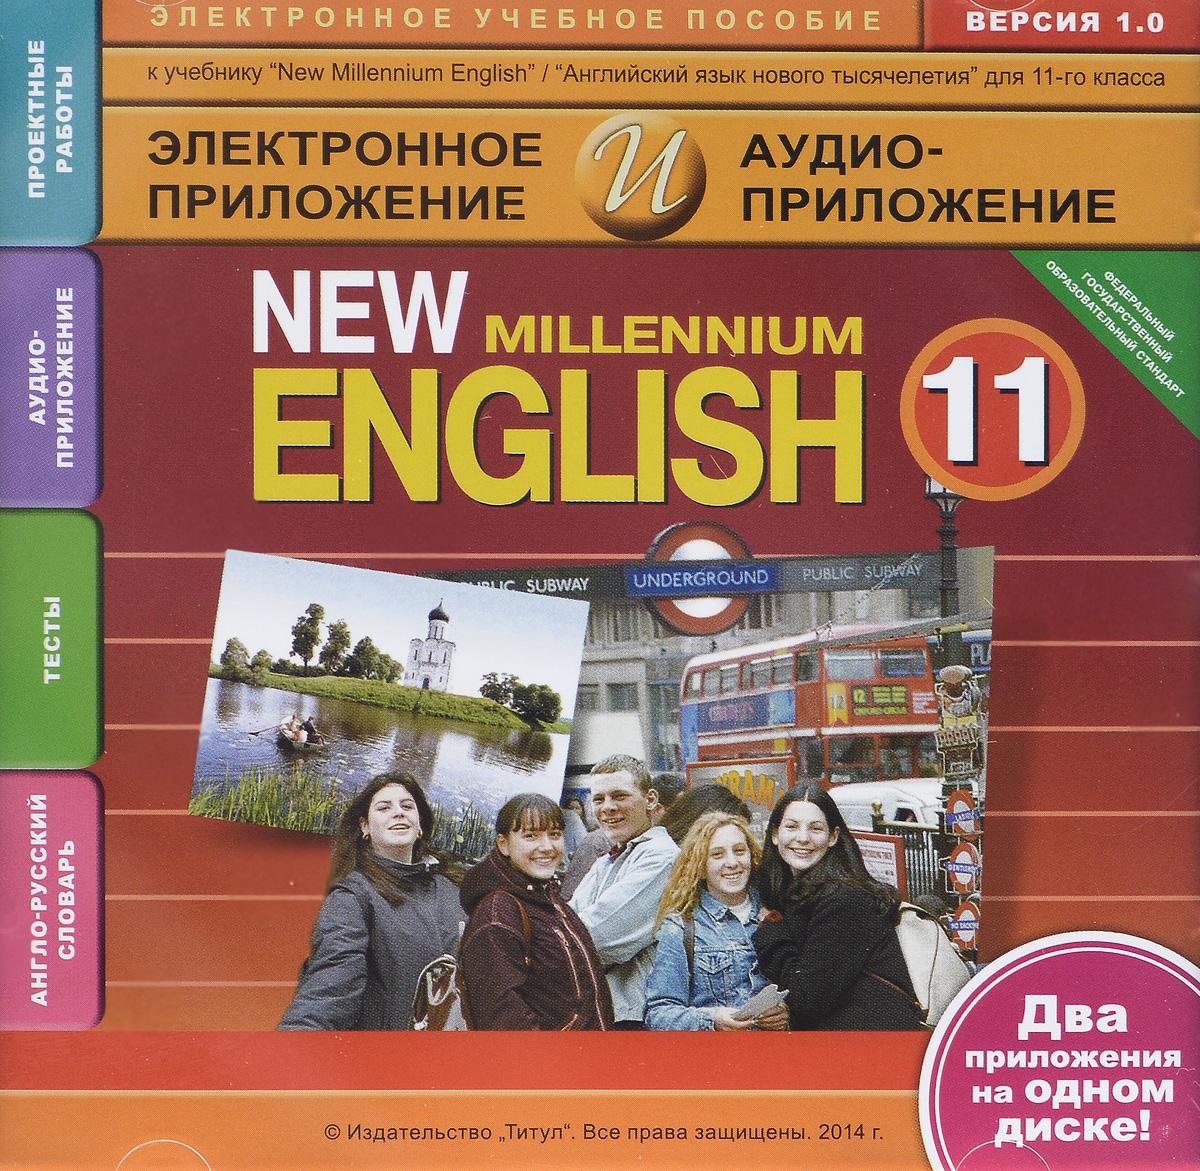 New Millennium English 11 / Английский язык нового тысячелетия. Английский язык. 11 класс. Электронное учебное пособие + аудиоприложение new millennium english 7 английский язык нового тысячелетия 7 класс обучающая компьютерная программа